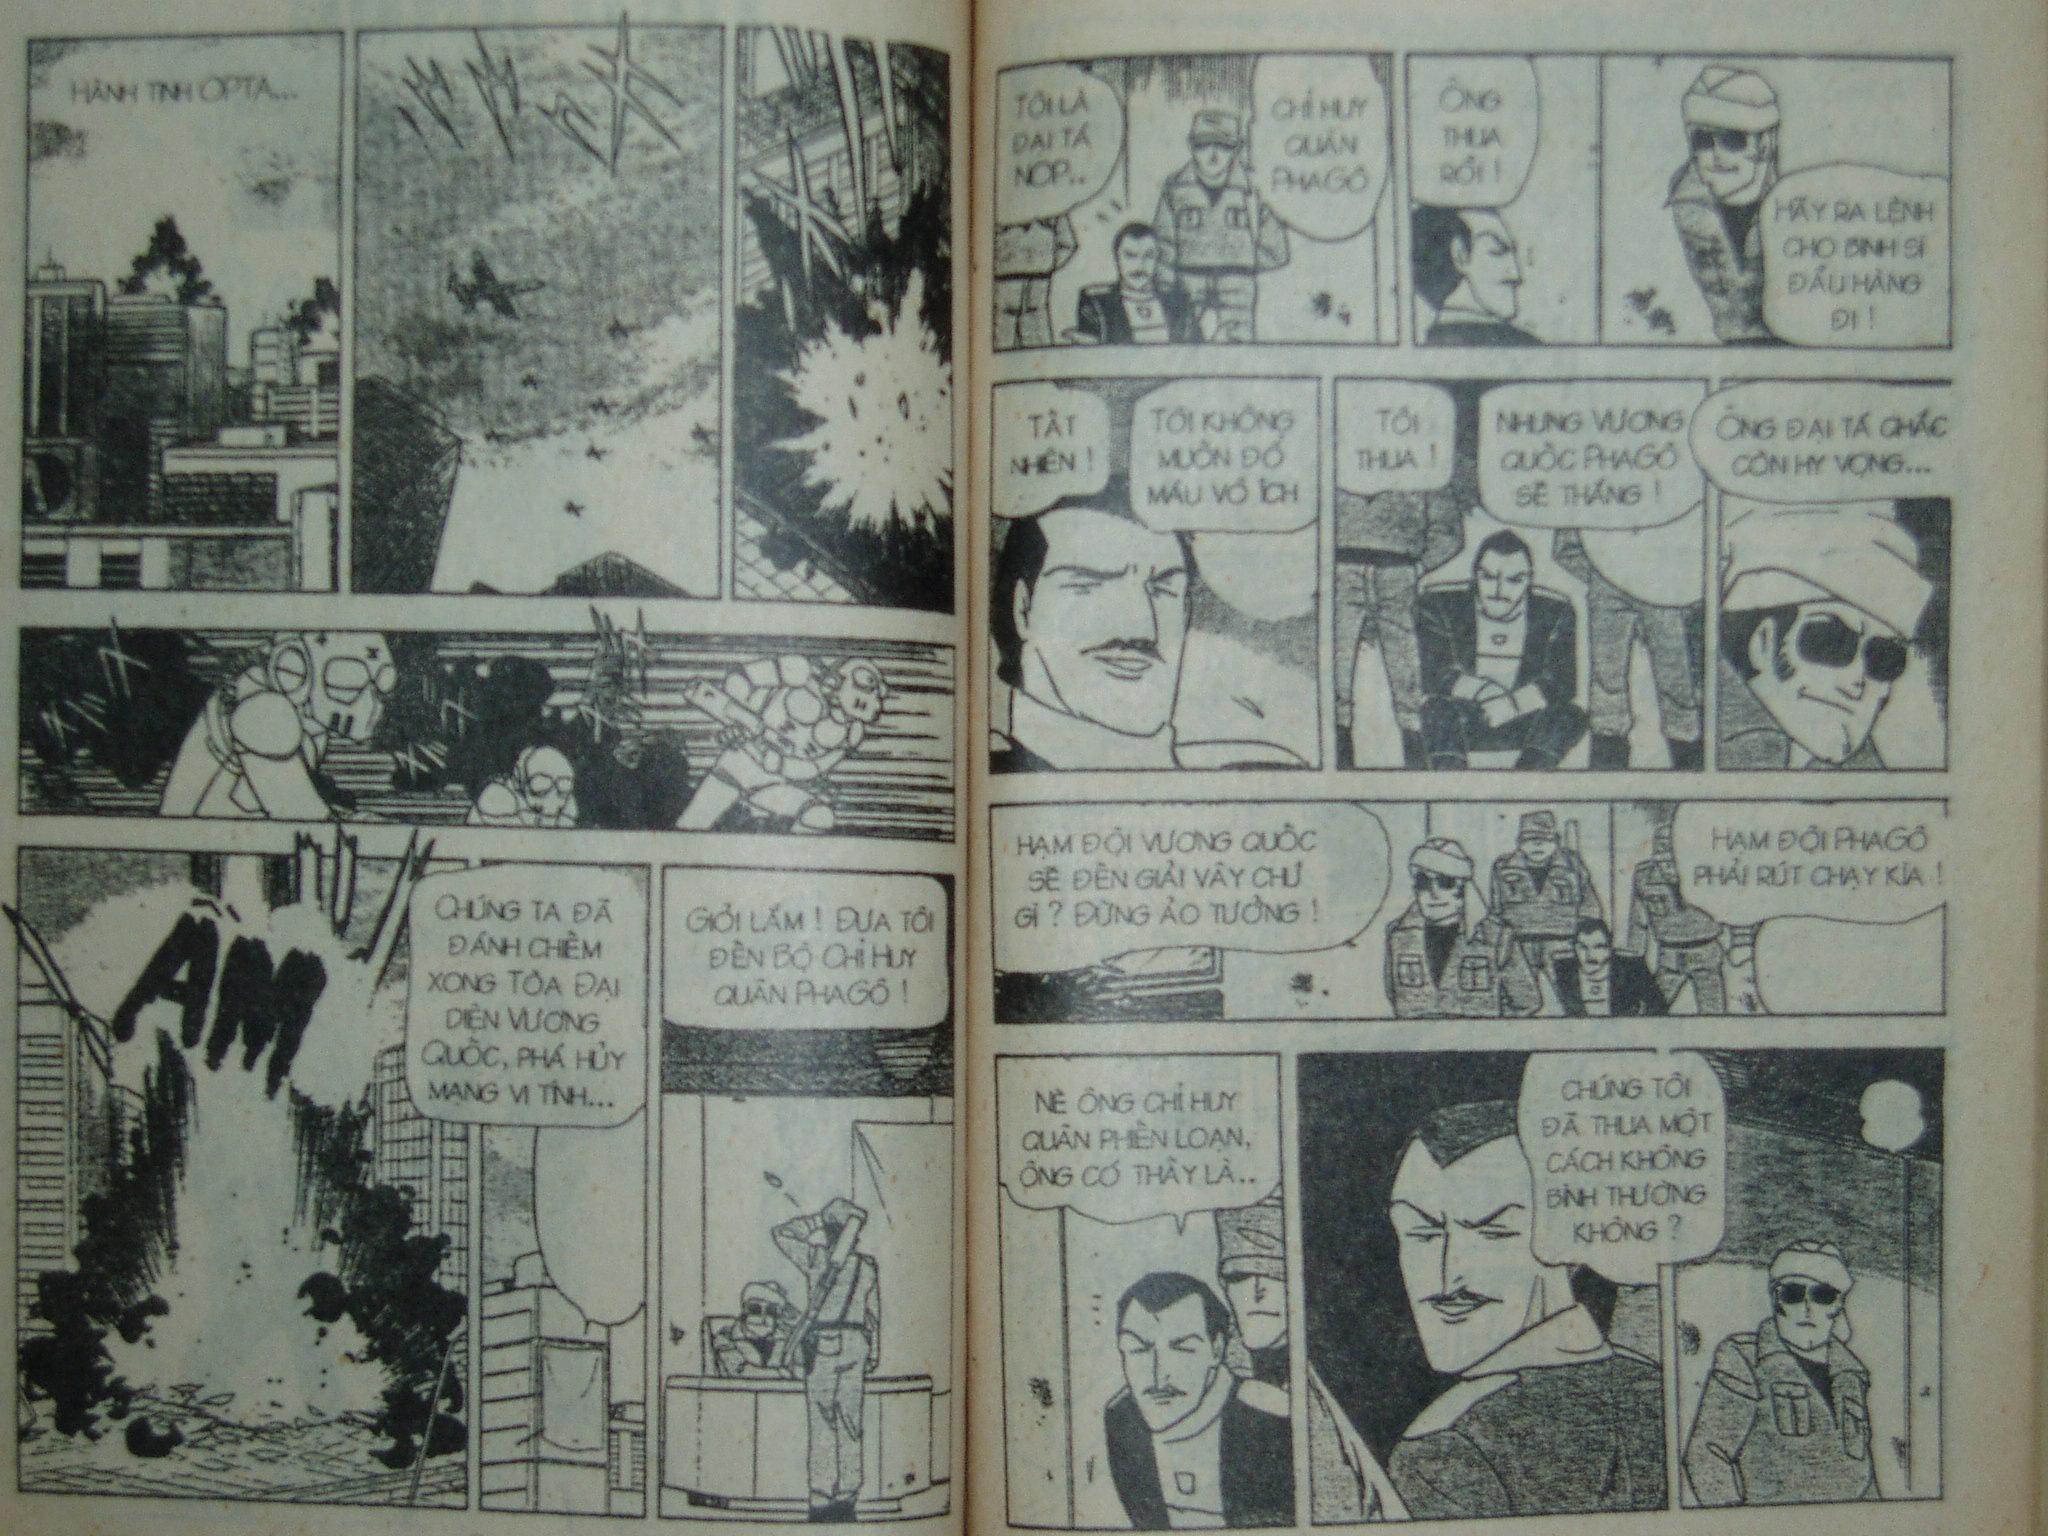 Siêu nhân Locke vol 17 trang 49